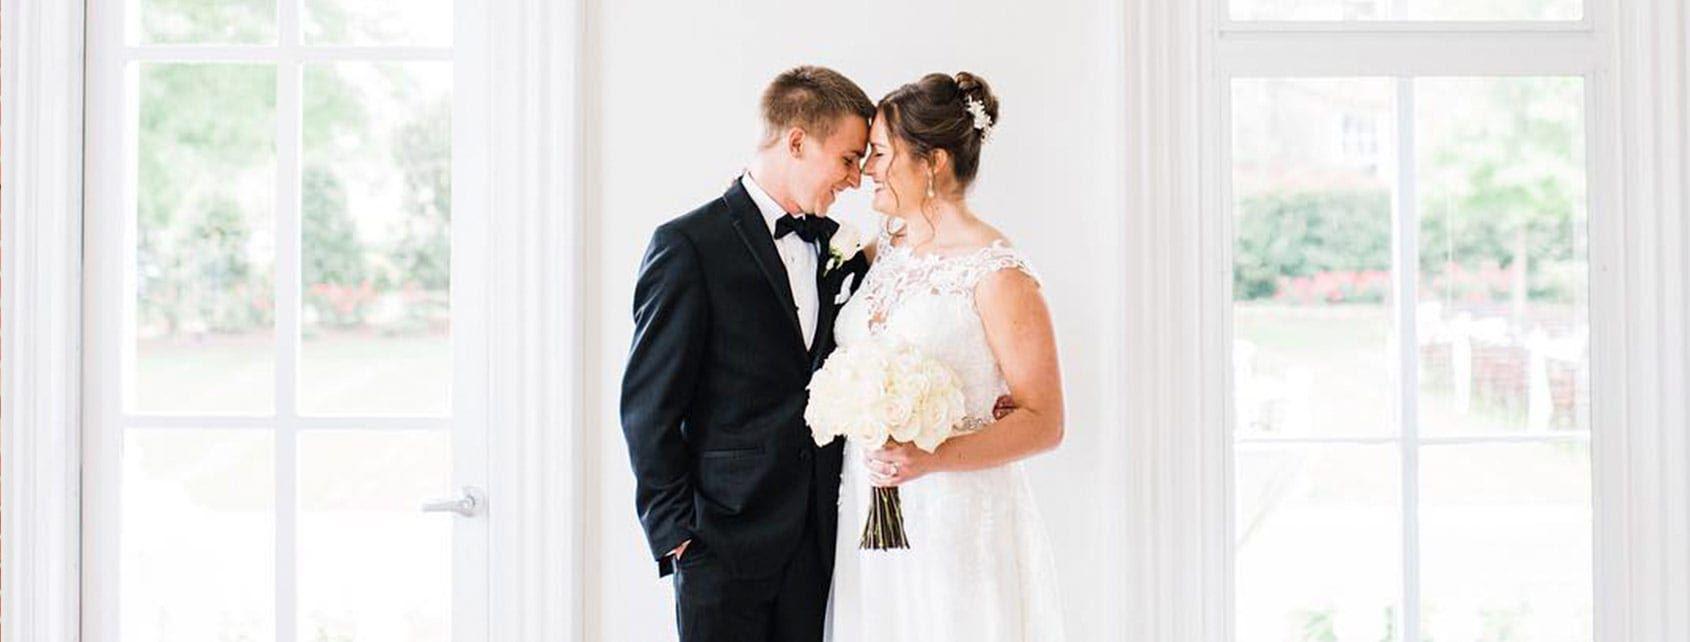 Lindsay and Kyle's Wedding